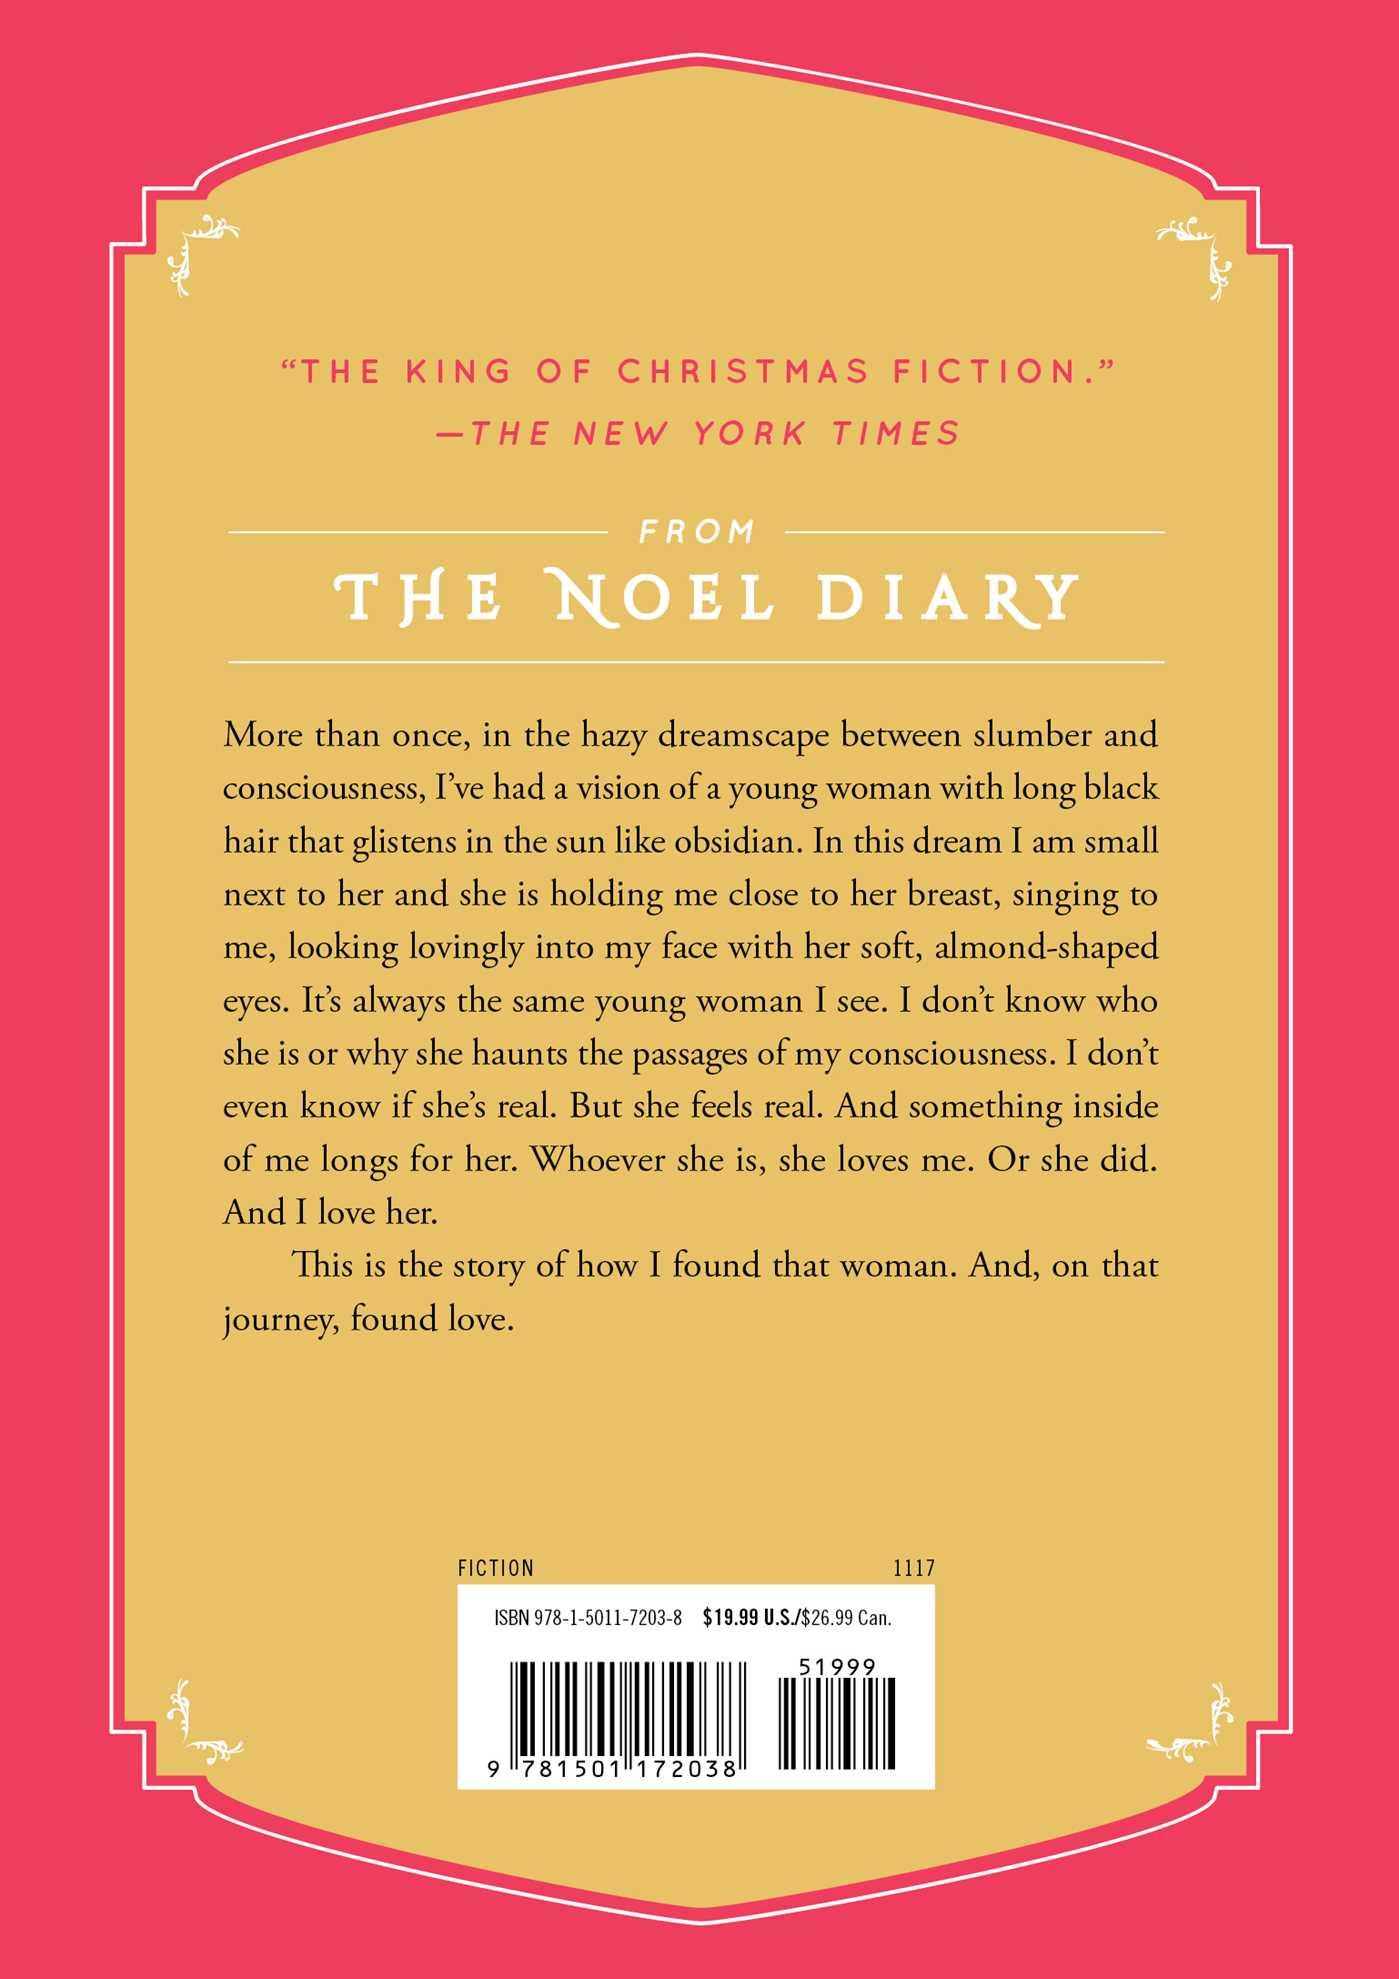 The noel diary 9781501172038 hr back